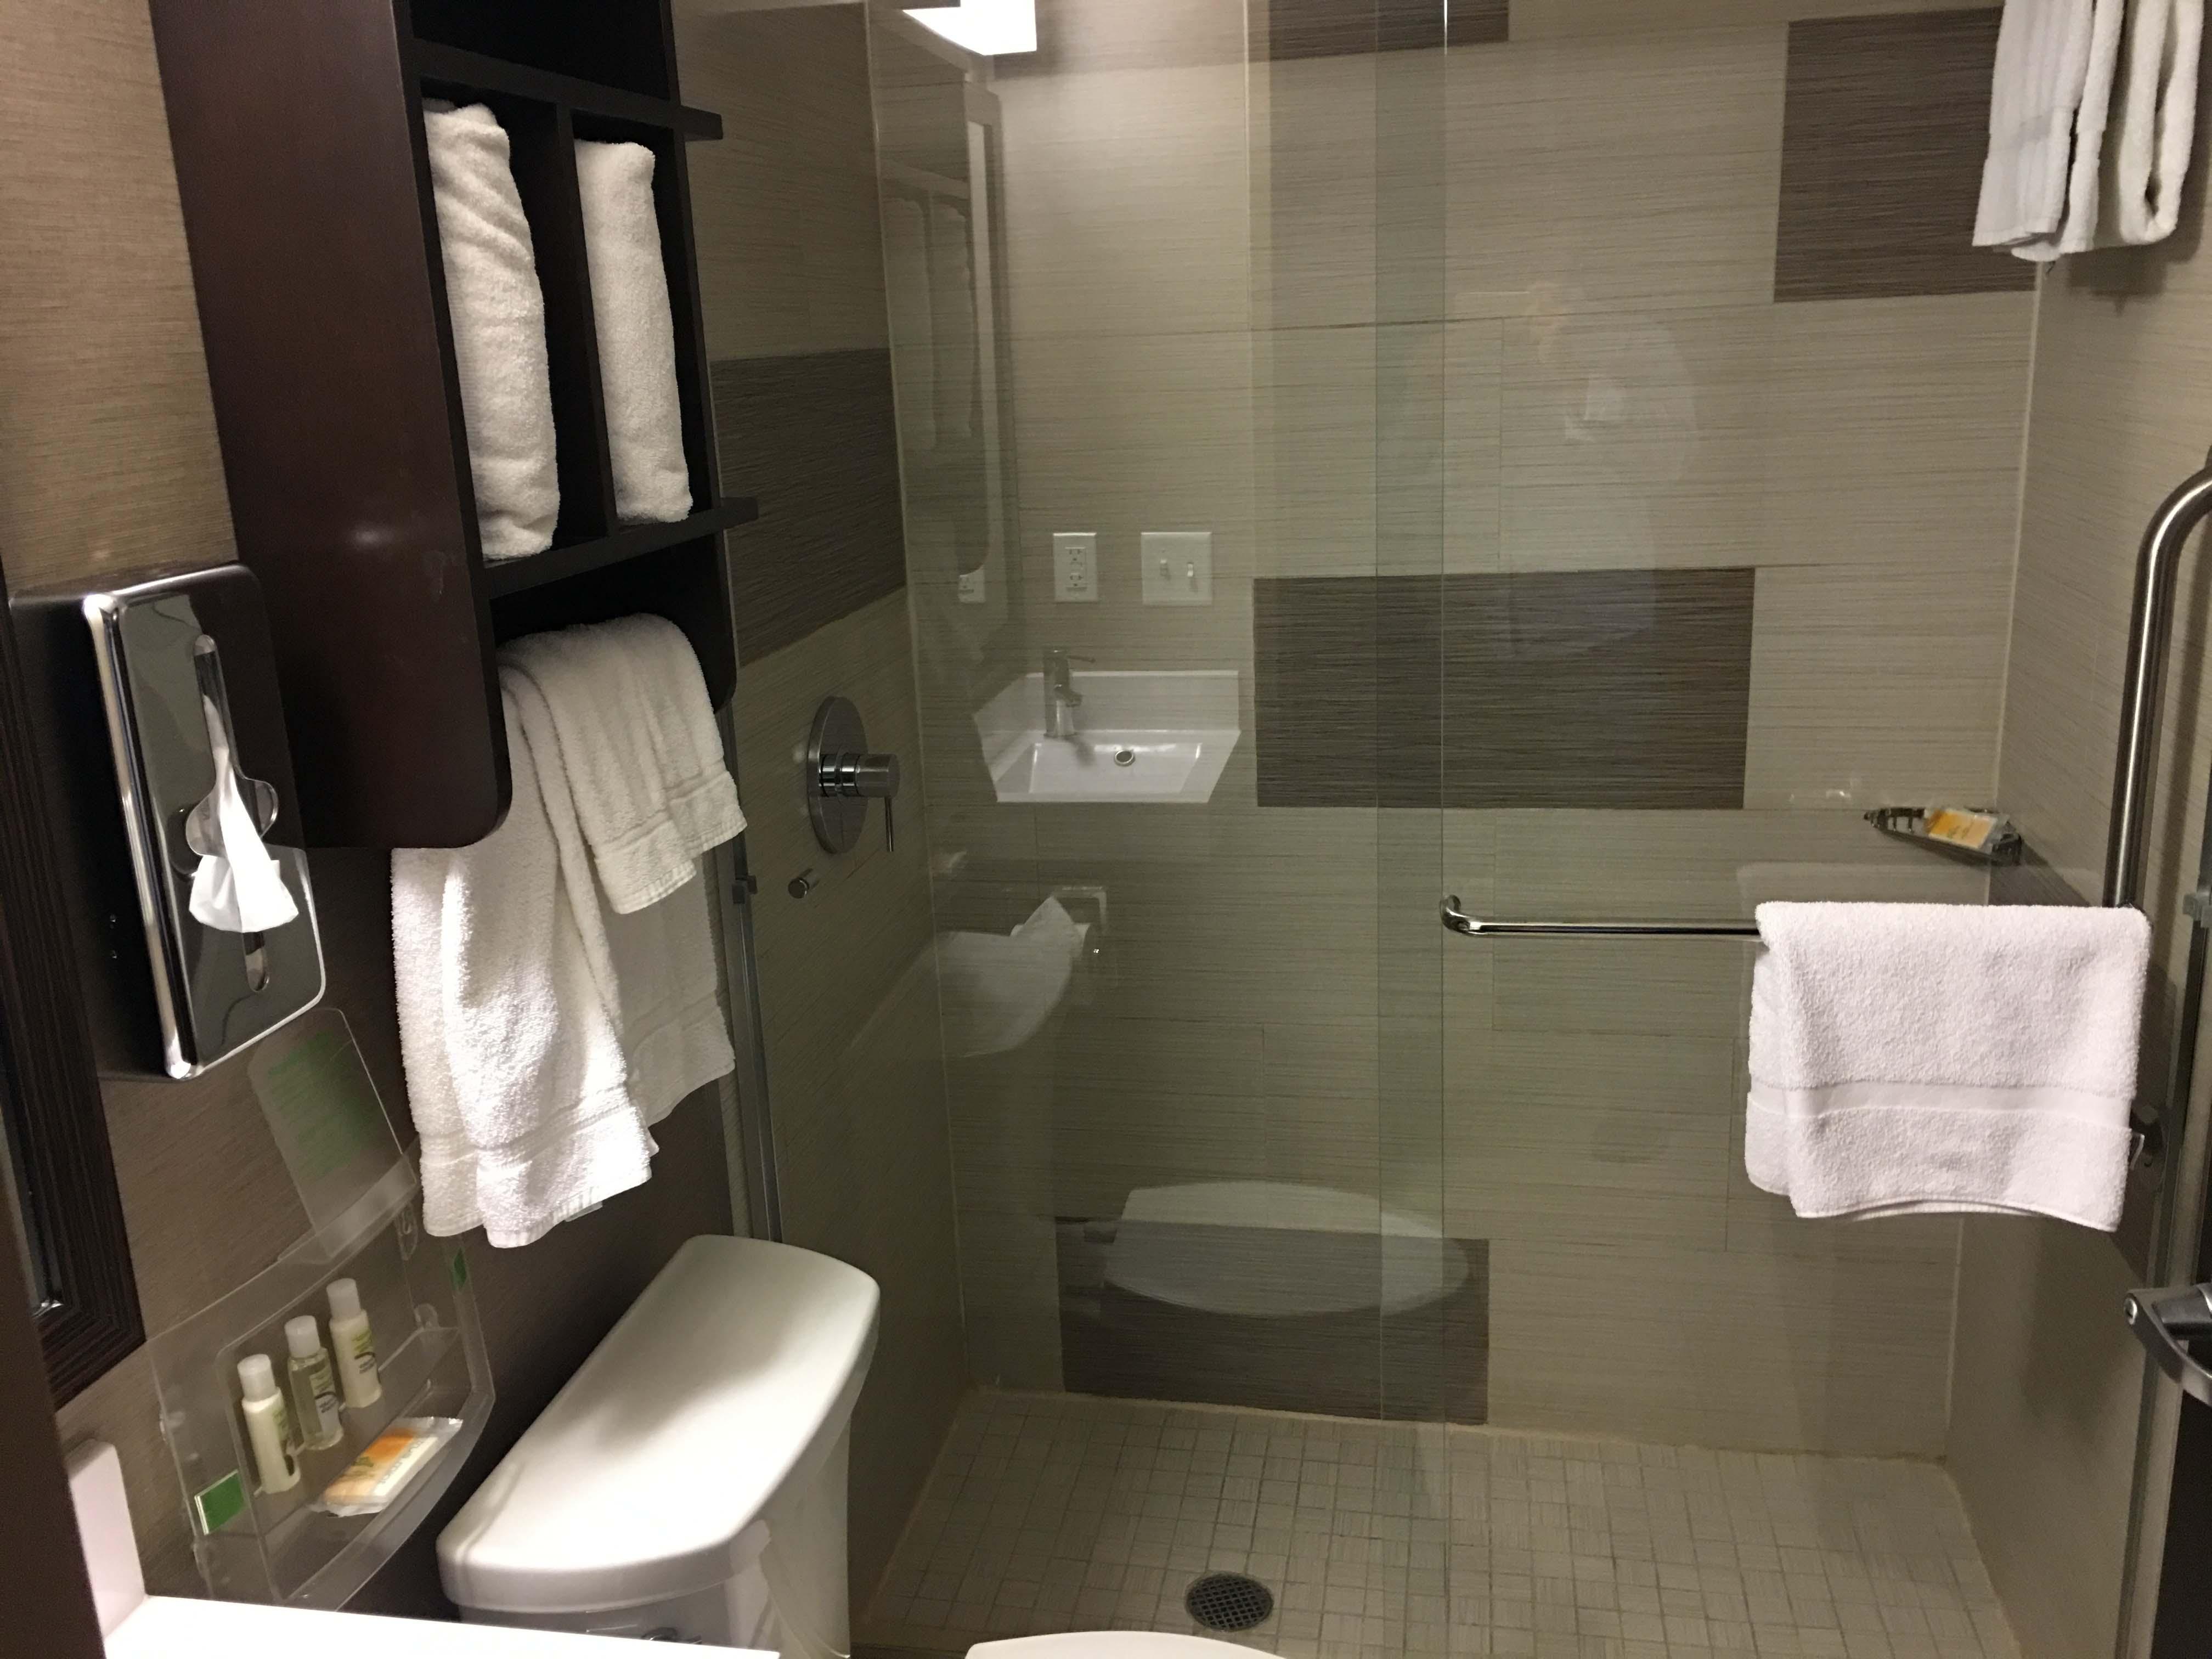 holiday-inn-shower